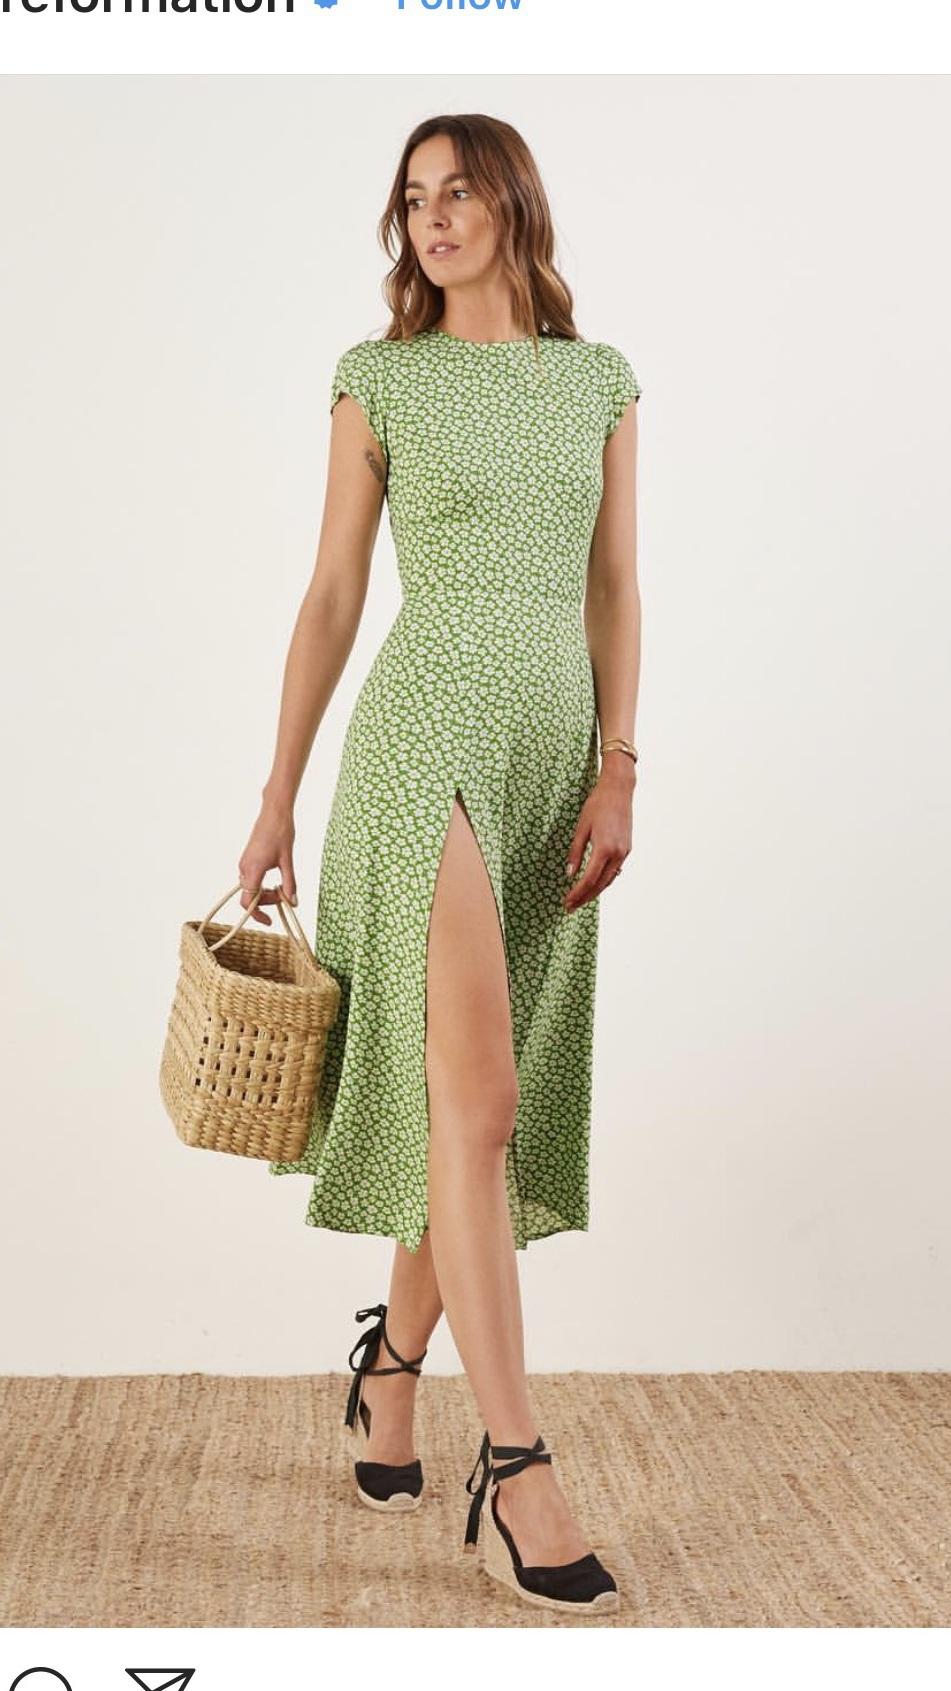 dress maxi dress green summer wedding clothes pattern